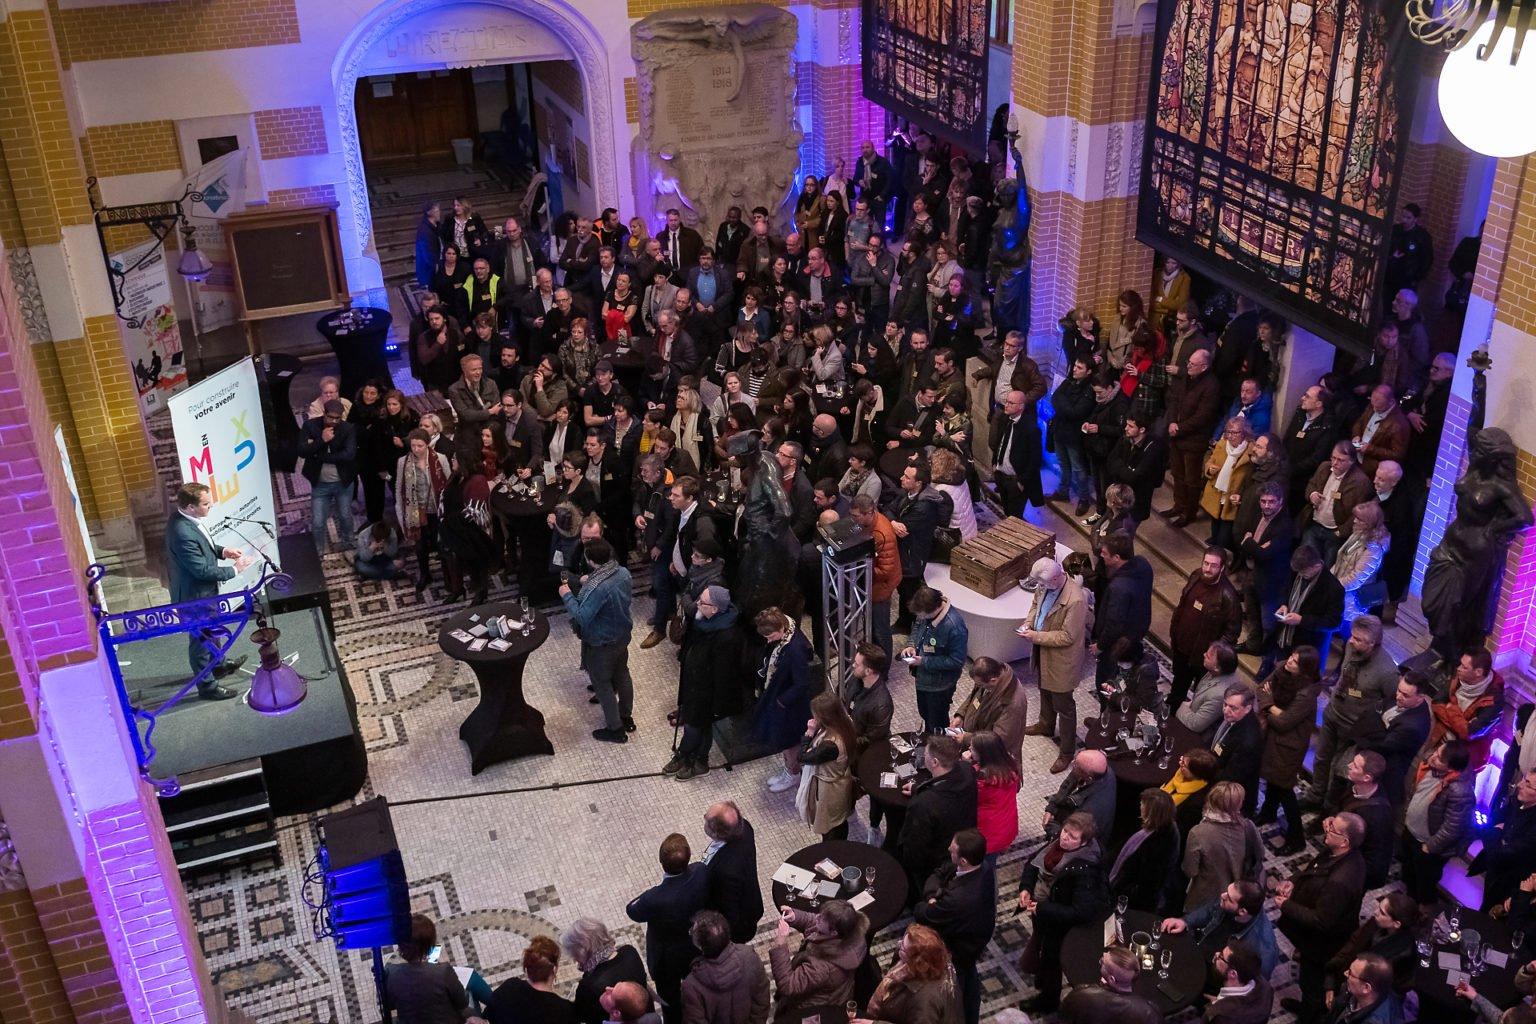 Un public très nombreux à l'inauguration du FabLab de Charleroi, événement d'entreprise par Aurore Delsoir photographe d'entreprise à Bruxelles et en Wallonie